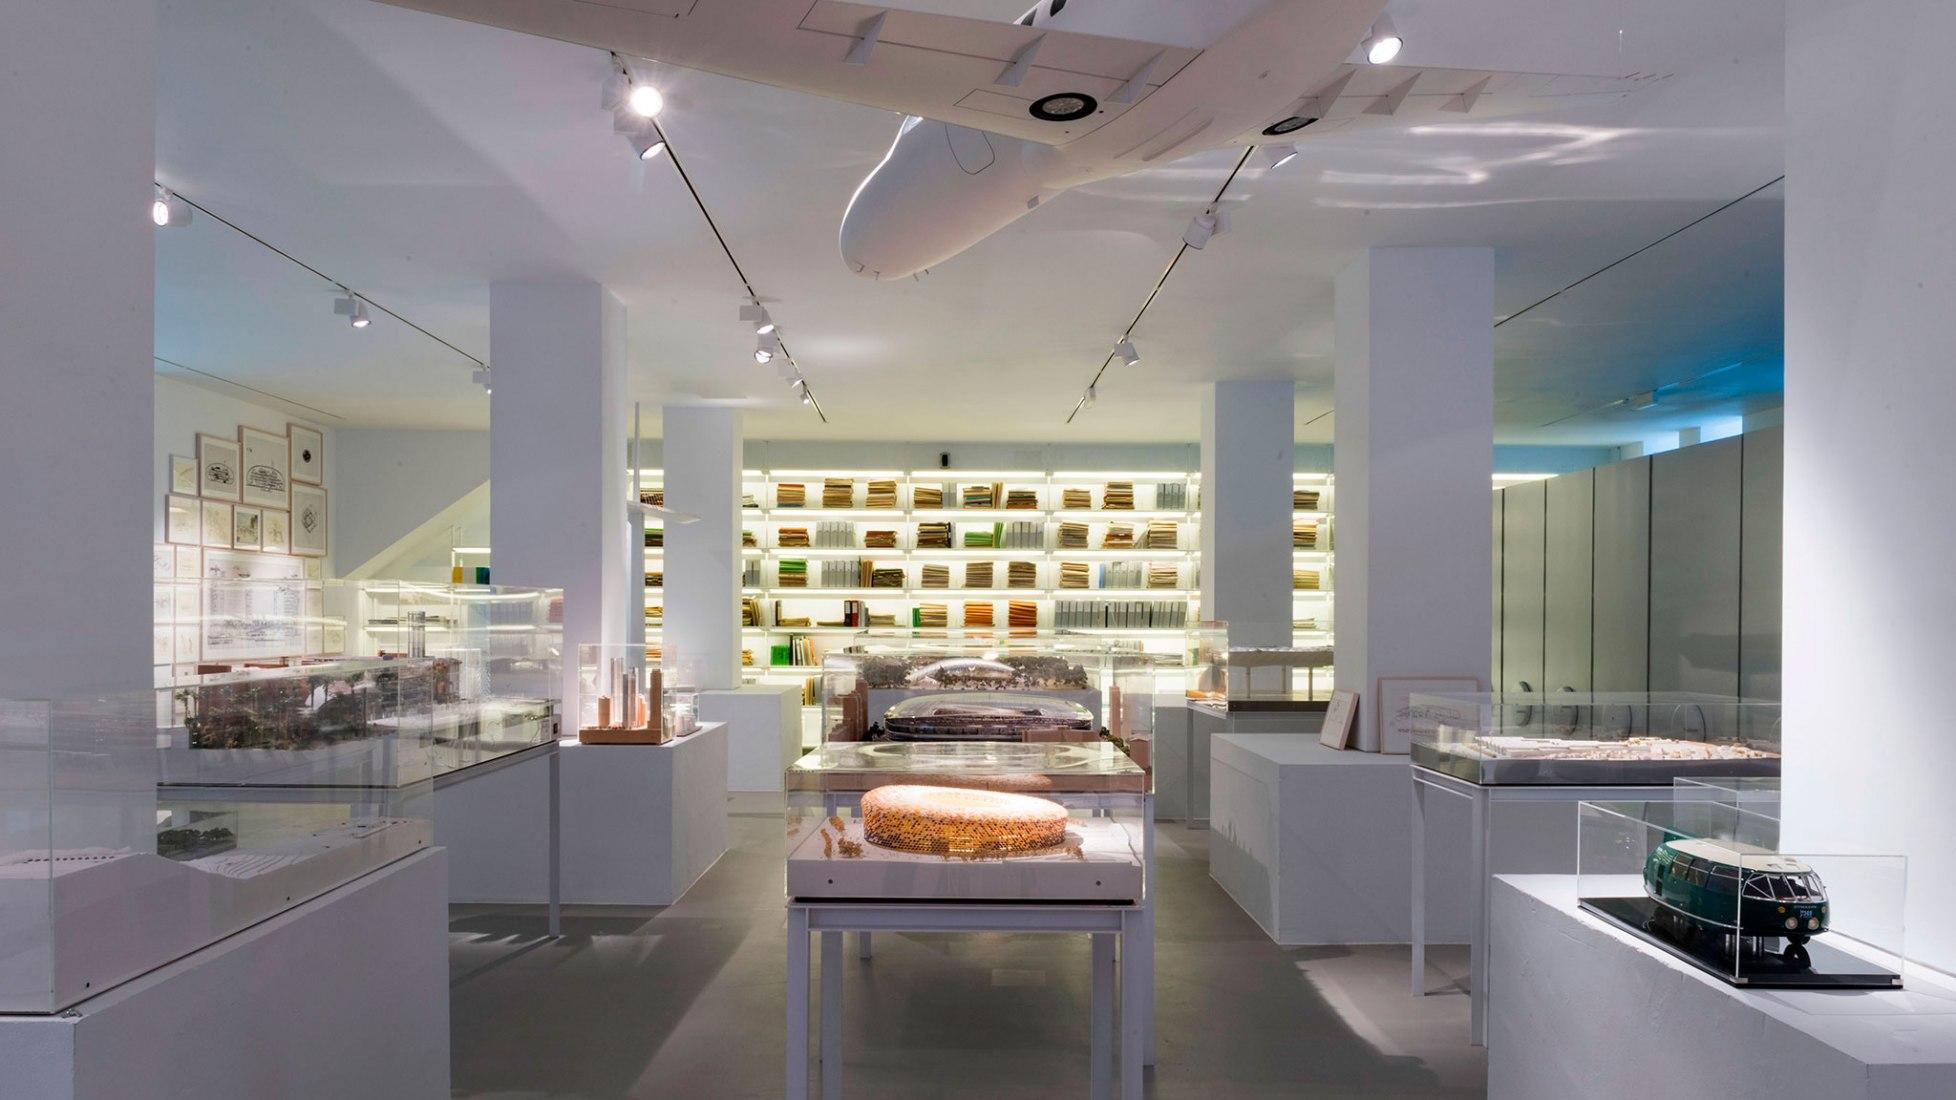 Sala de exposición. Fotografía © Claudio Álvarez. Imagen cortesía de Fundación Norman Foster